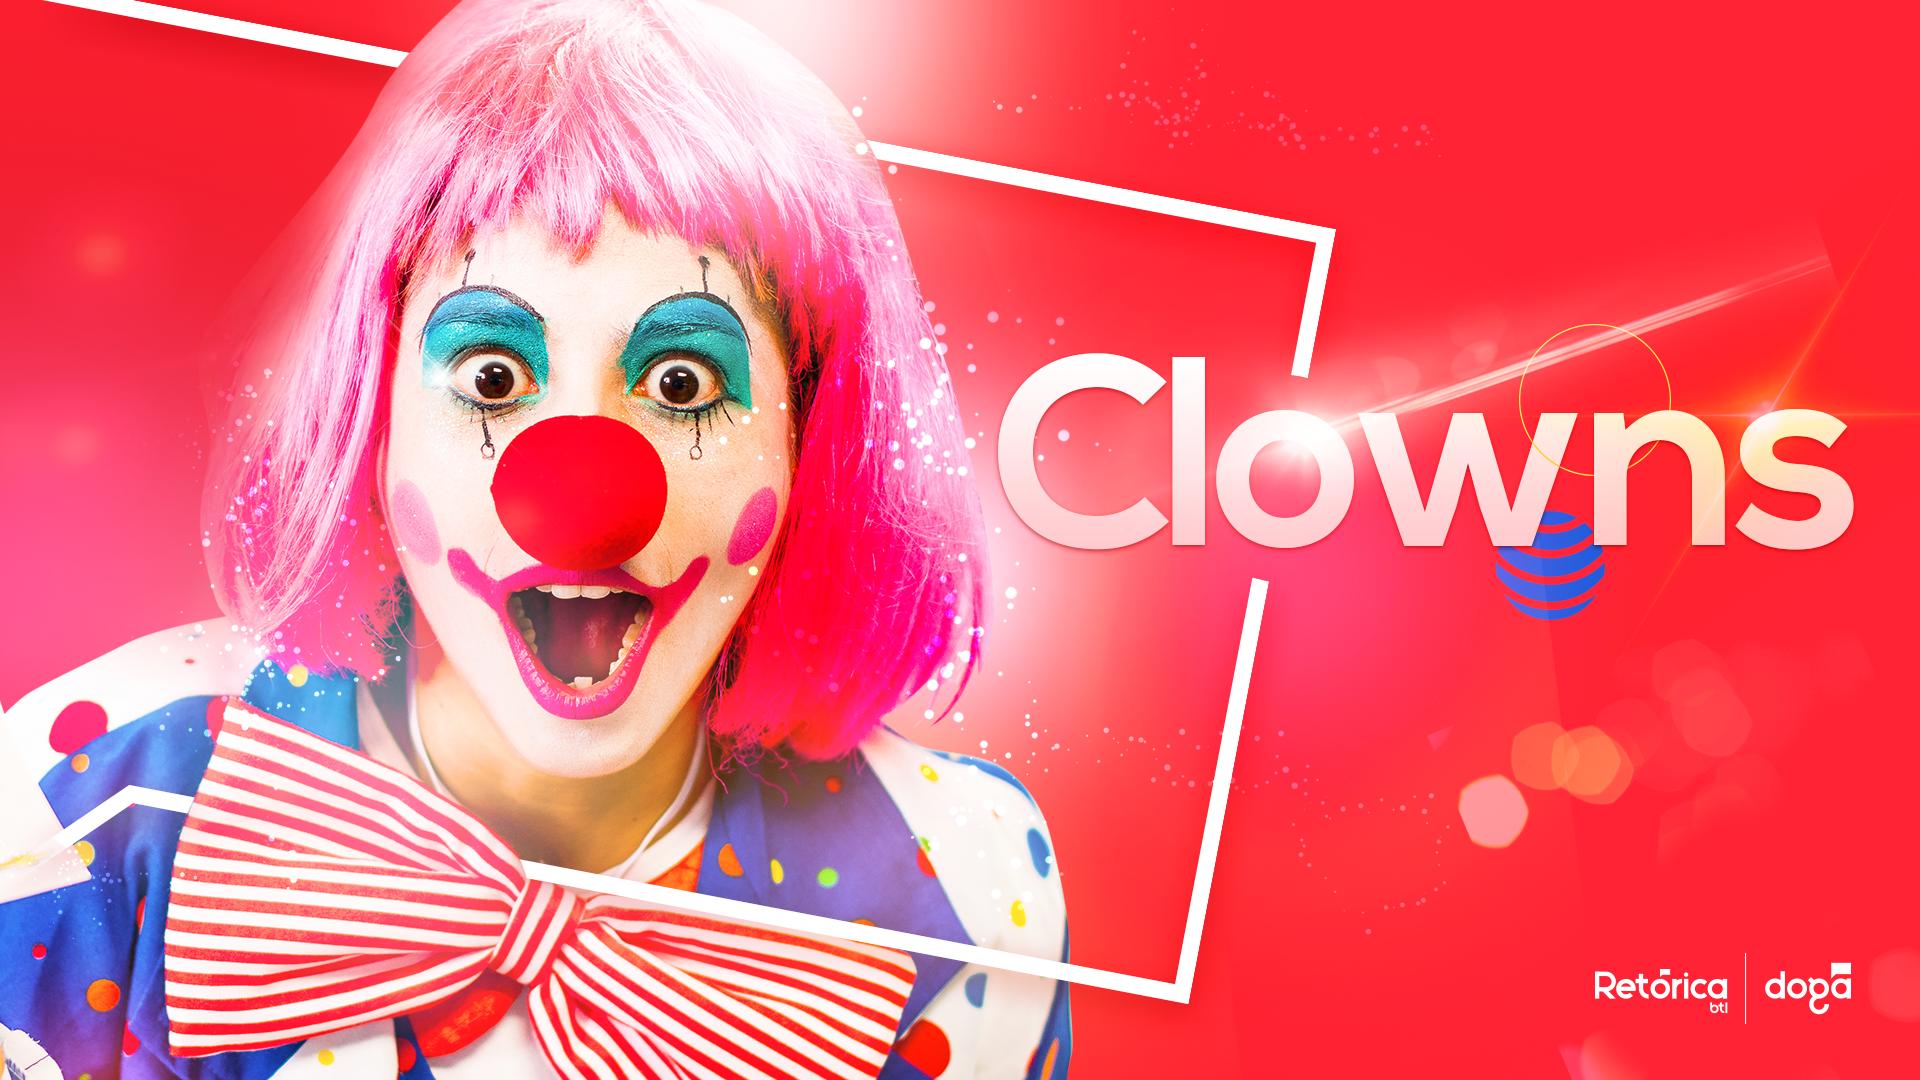 17_03_21_Clowns_2